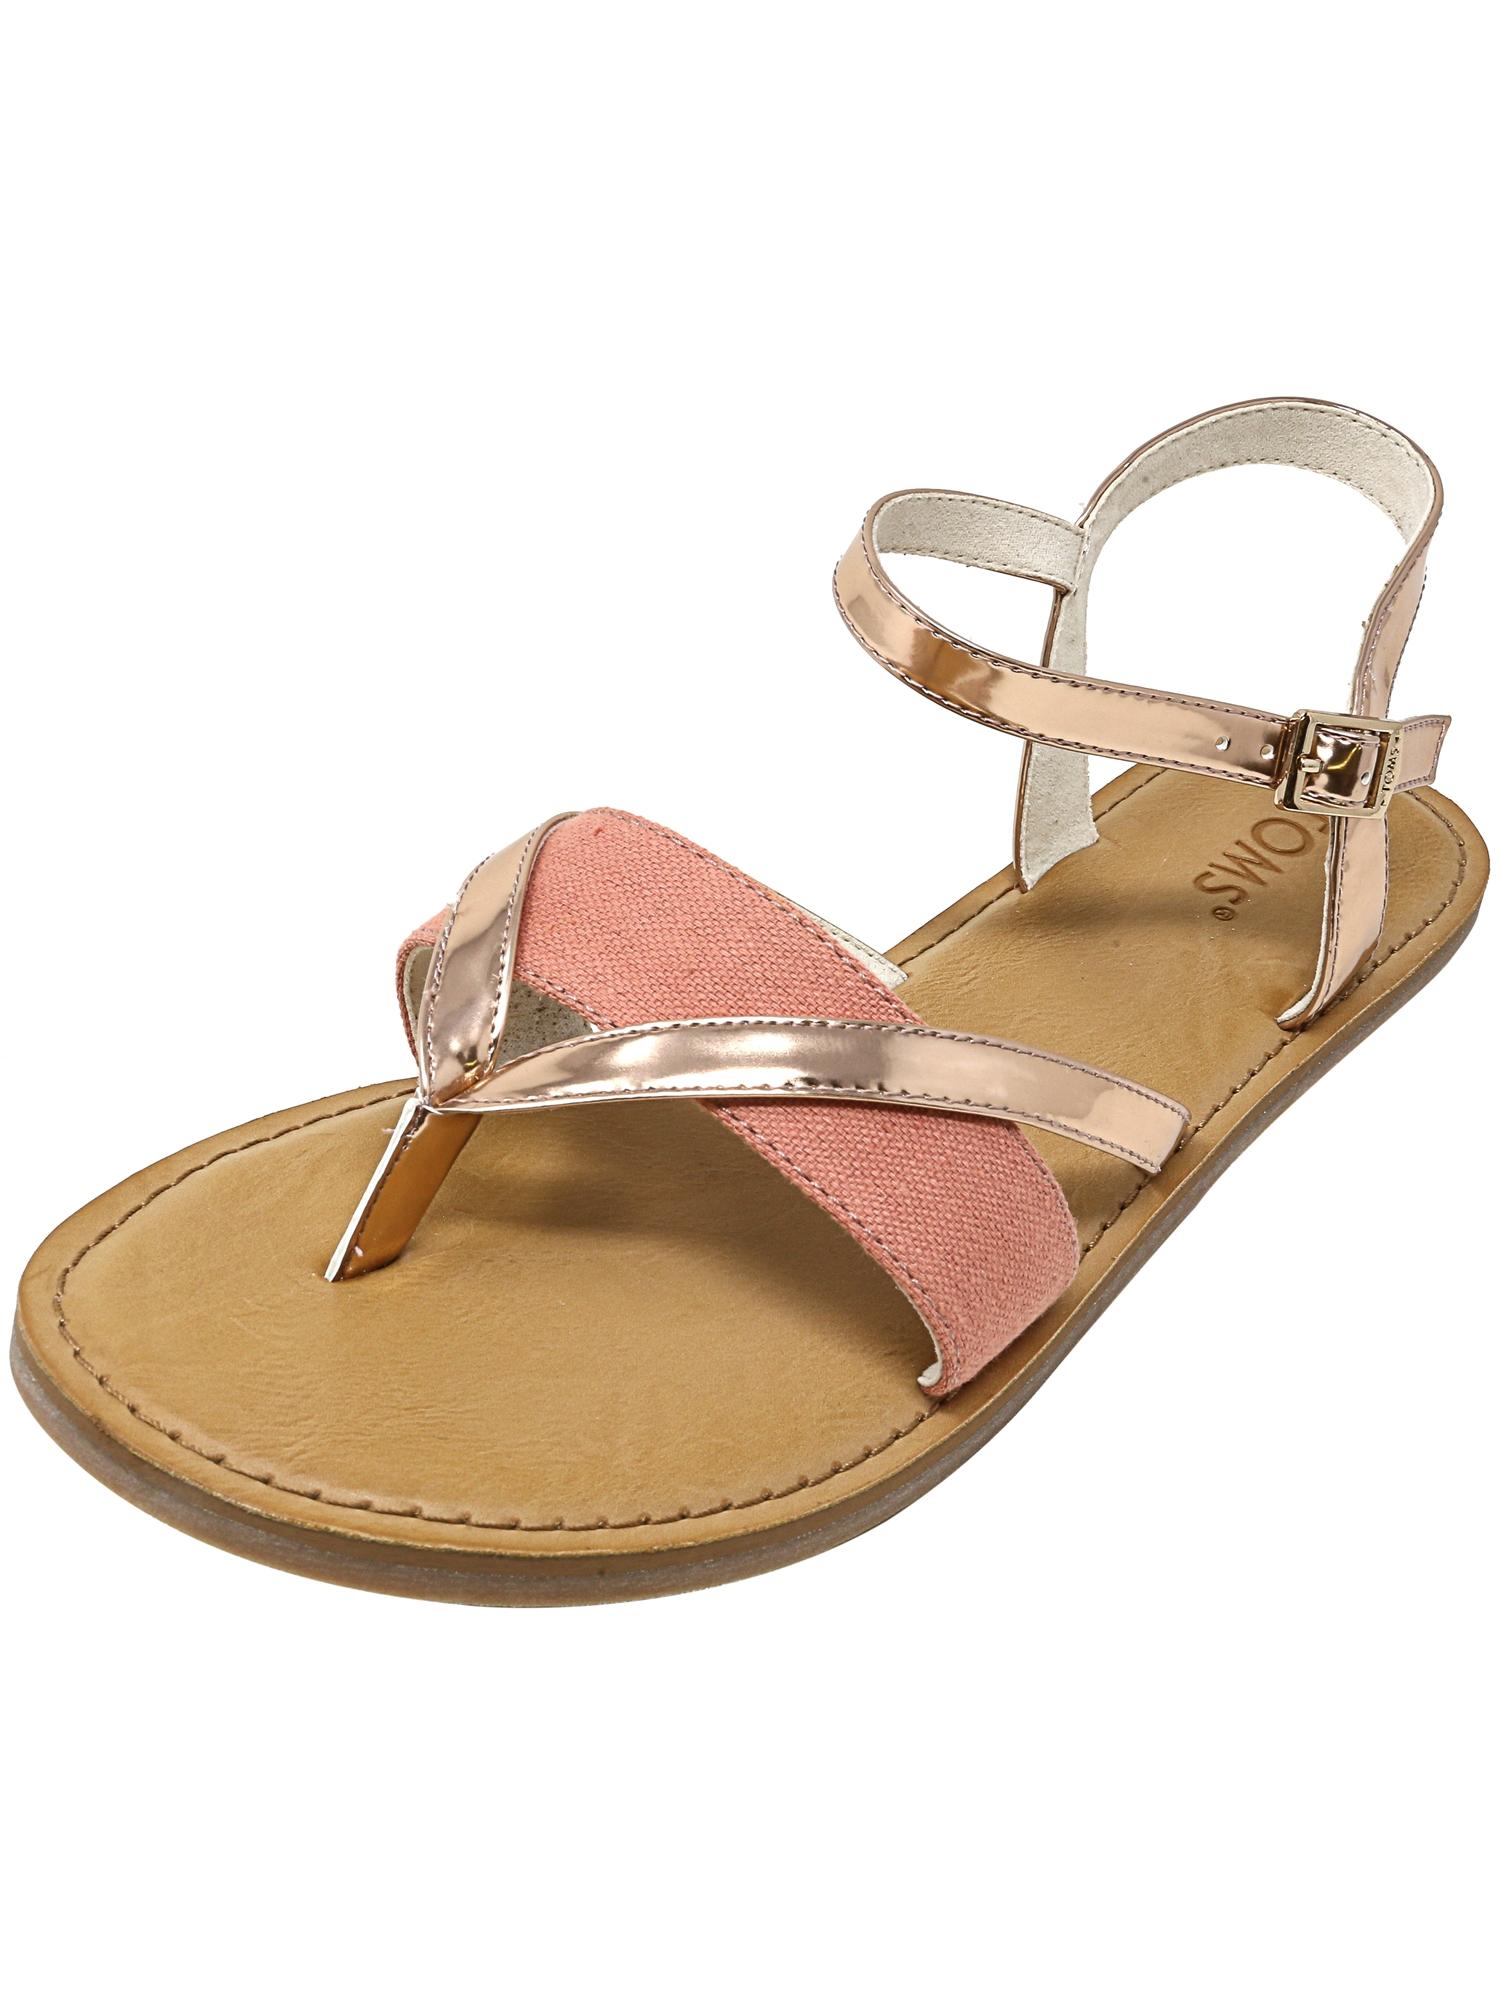 Toms Women's Lexie Specchio And Hemp Rose Gold Sandal - 8.5M